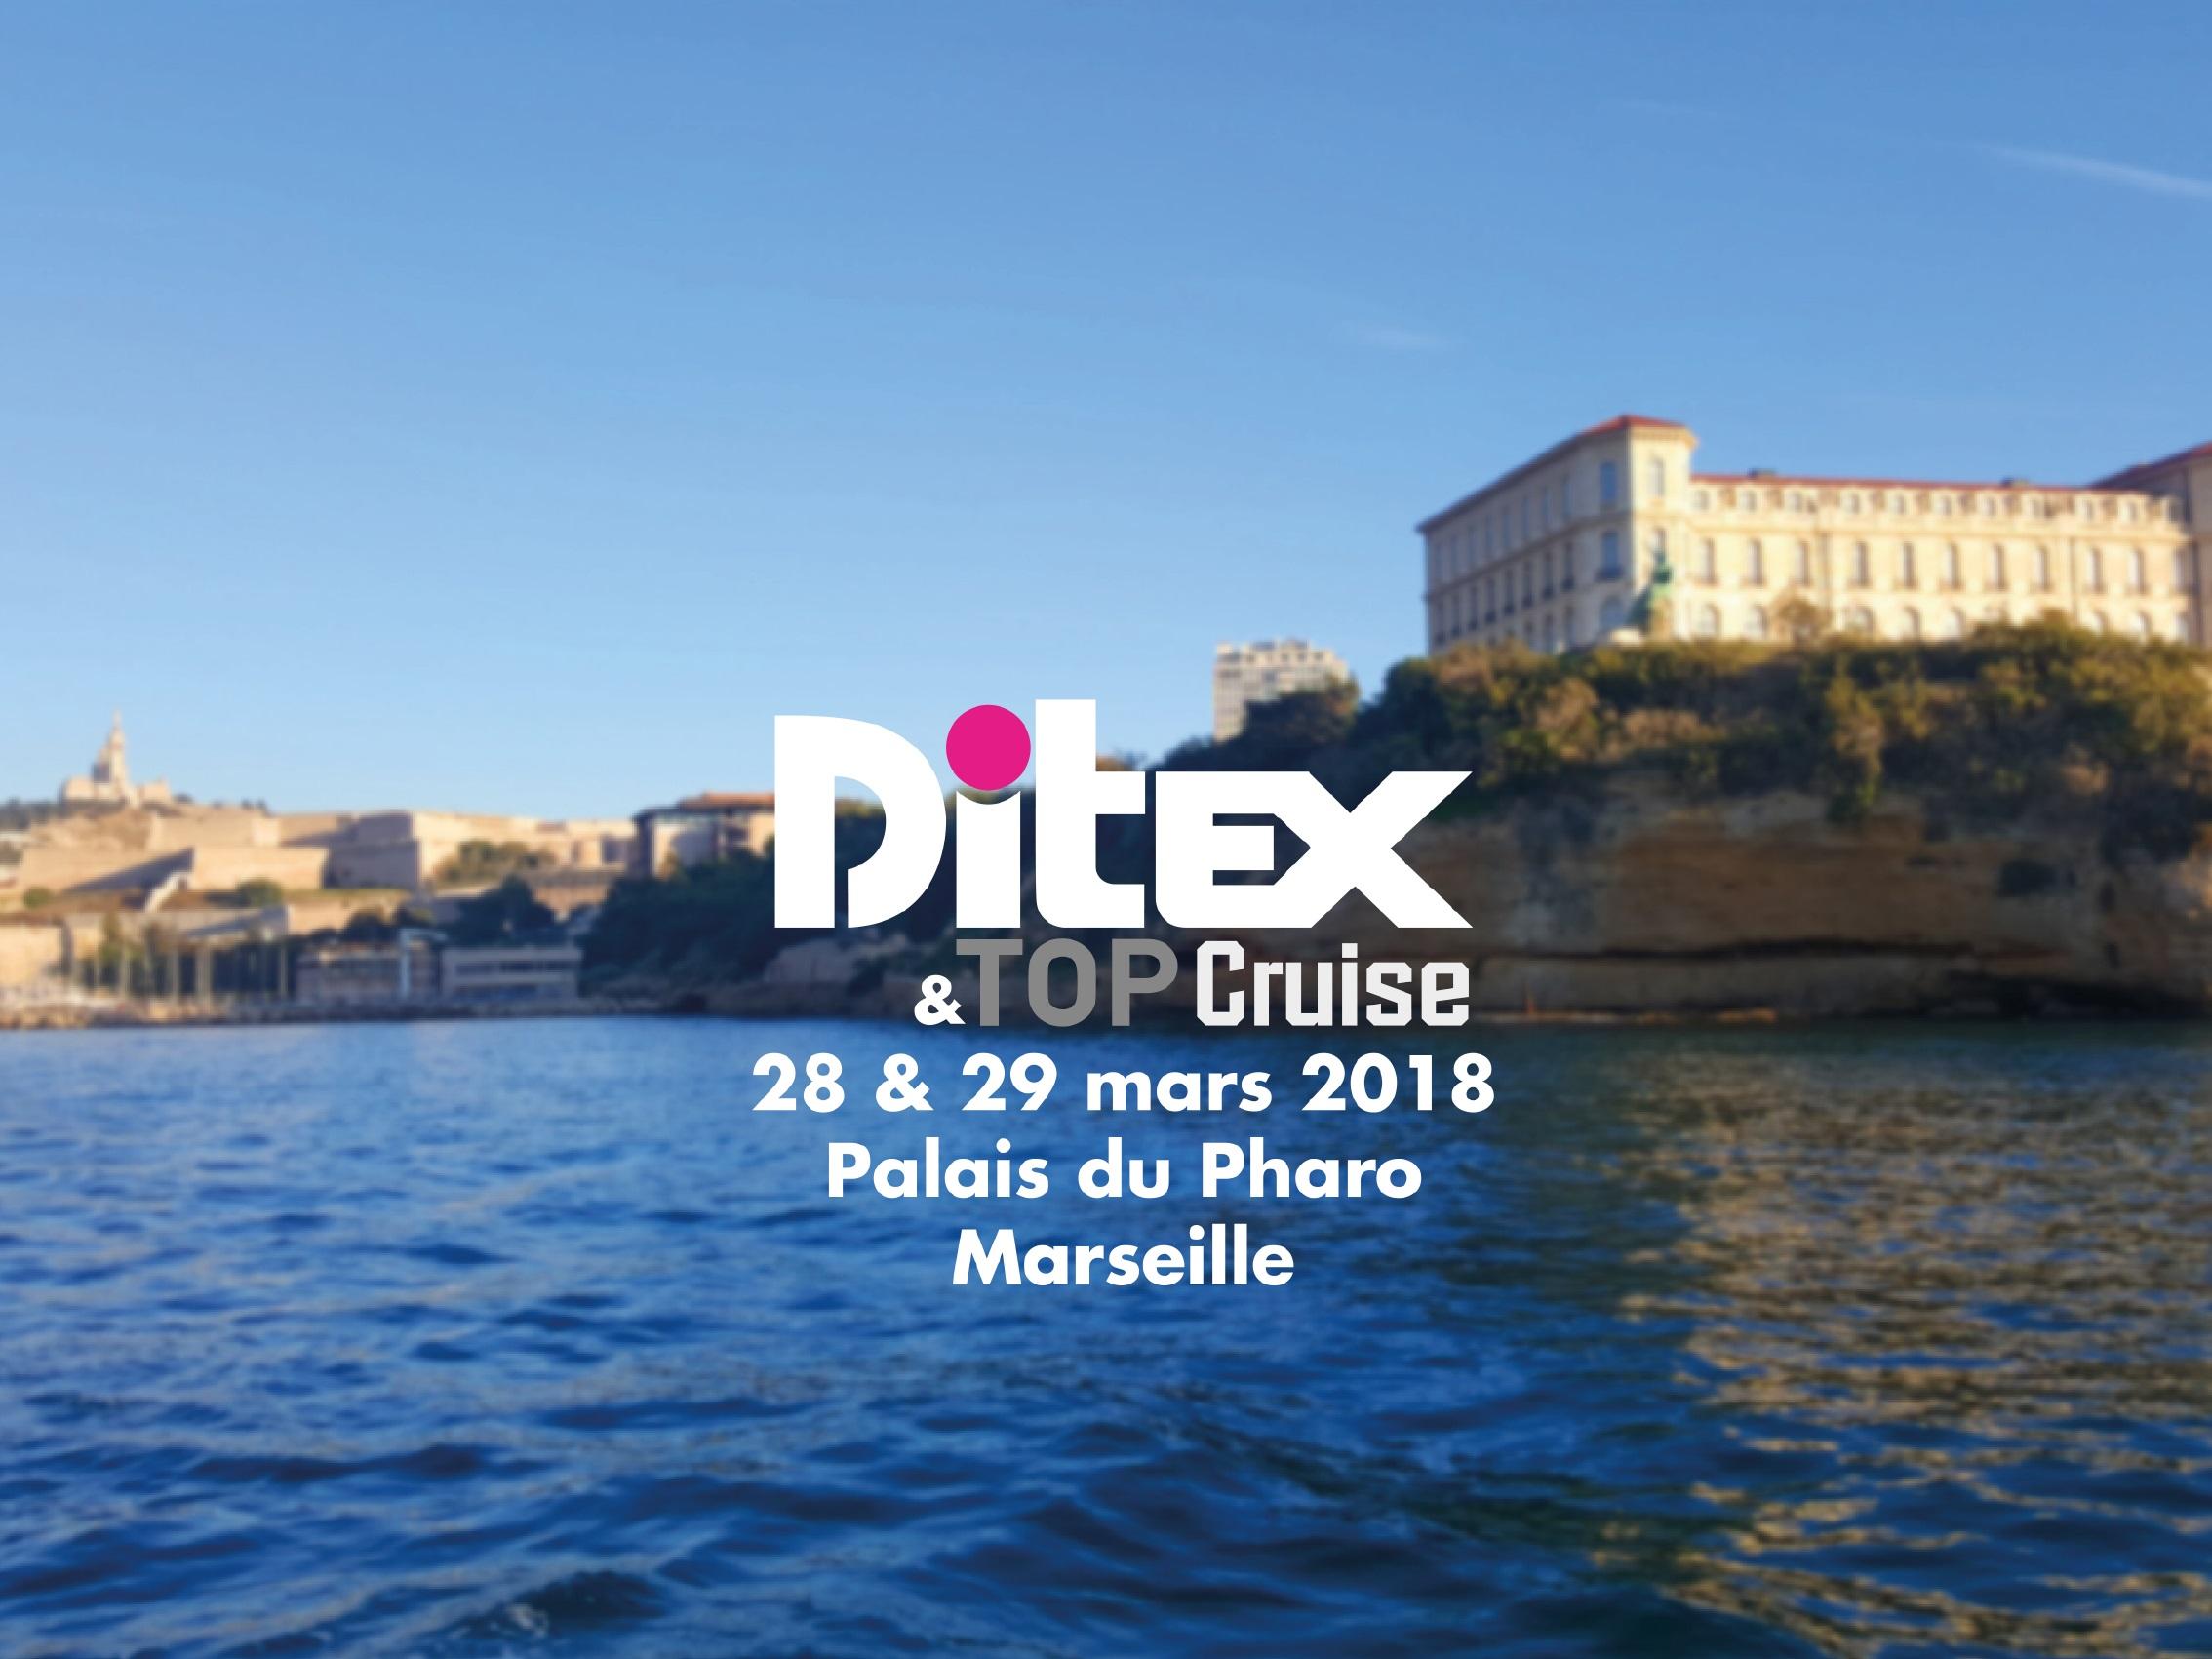 Nouveau format, nouveau lieu, nouvelle équipe : le DITEX 2018 va vous surprendre - DR : TourMaG.com